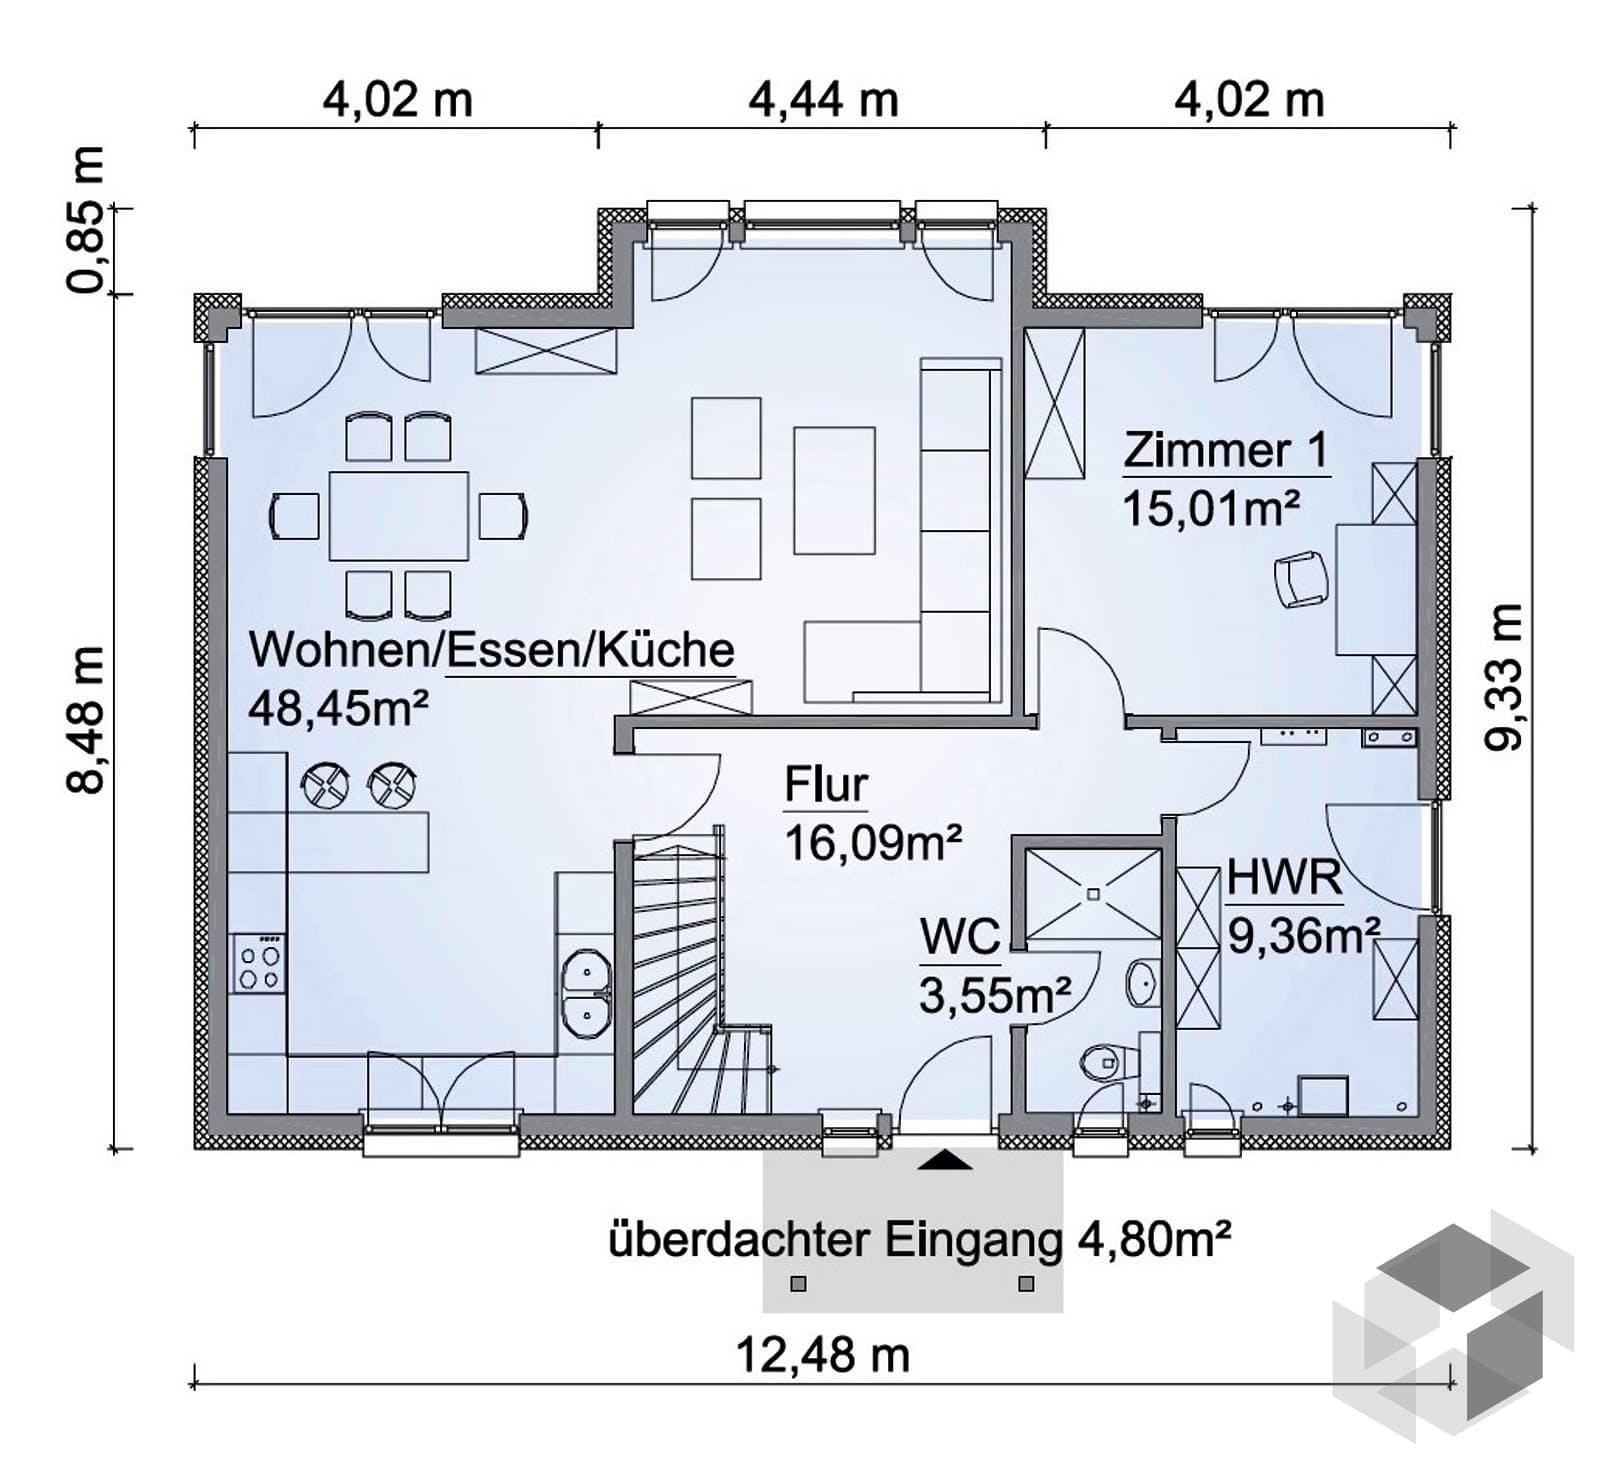 sh 180 fs von scanhaus marlow komplette daten bersicht. Black Bedroom Furniture Sets. Home Design Ideas